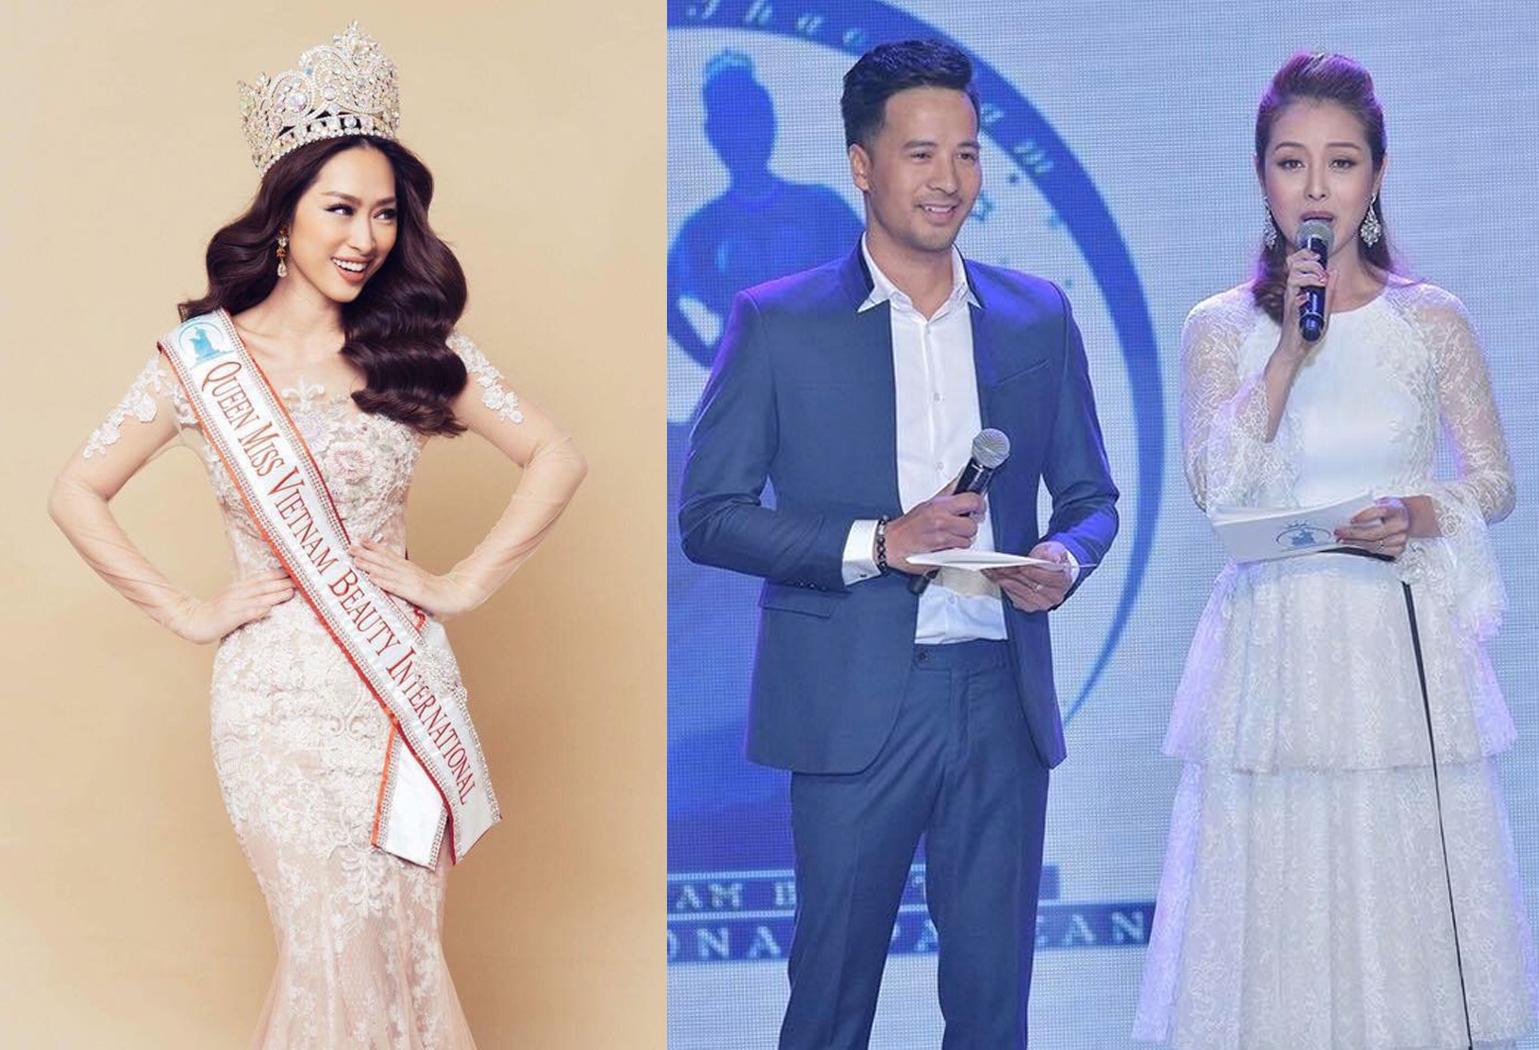 Lộ diện dàn khách mời khủng của Ms Vietnam Beauty International Pageant